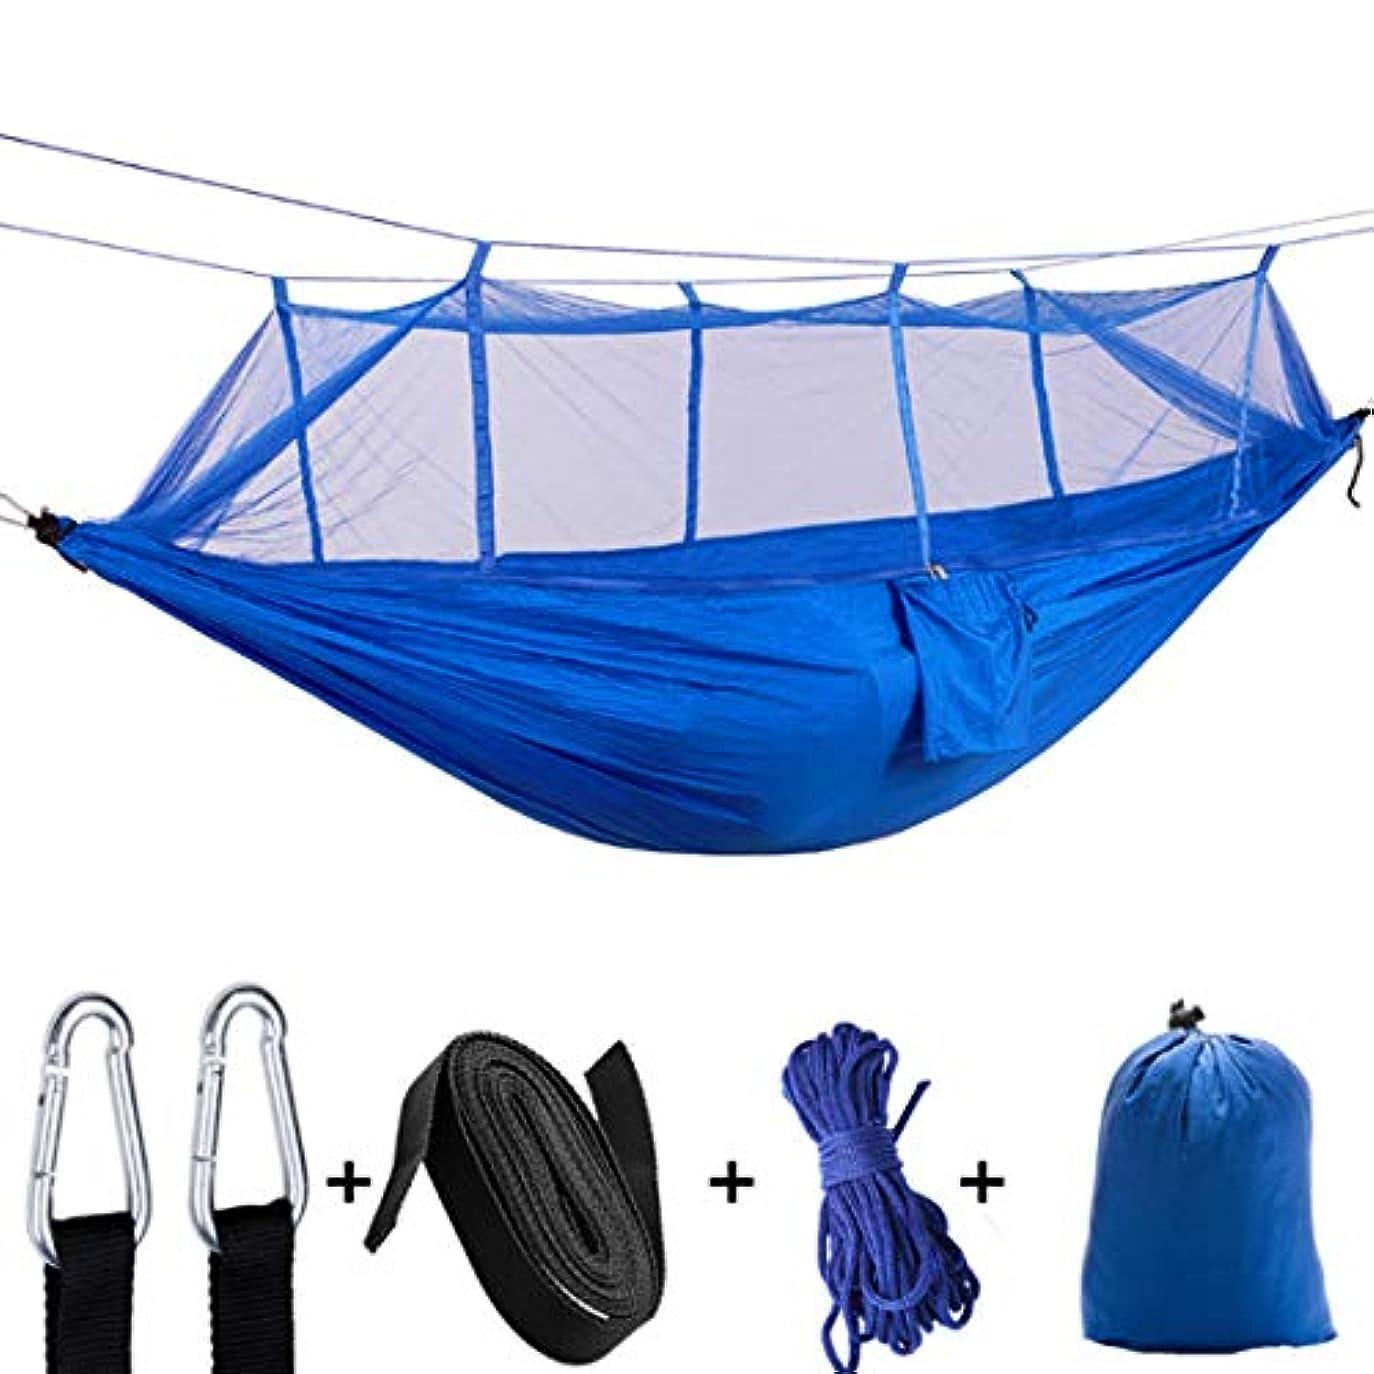 欠席起業家既婚linannau バックキャンプ、キャンプ、ハイキング、旅行、ビーチのためのダブルキャンプハンモック軽量カラビナ (Color : Blue and blue Mesh)